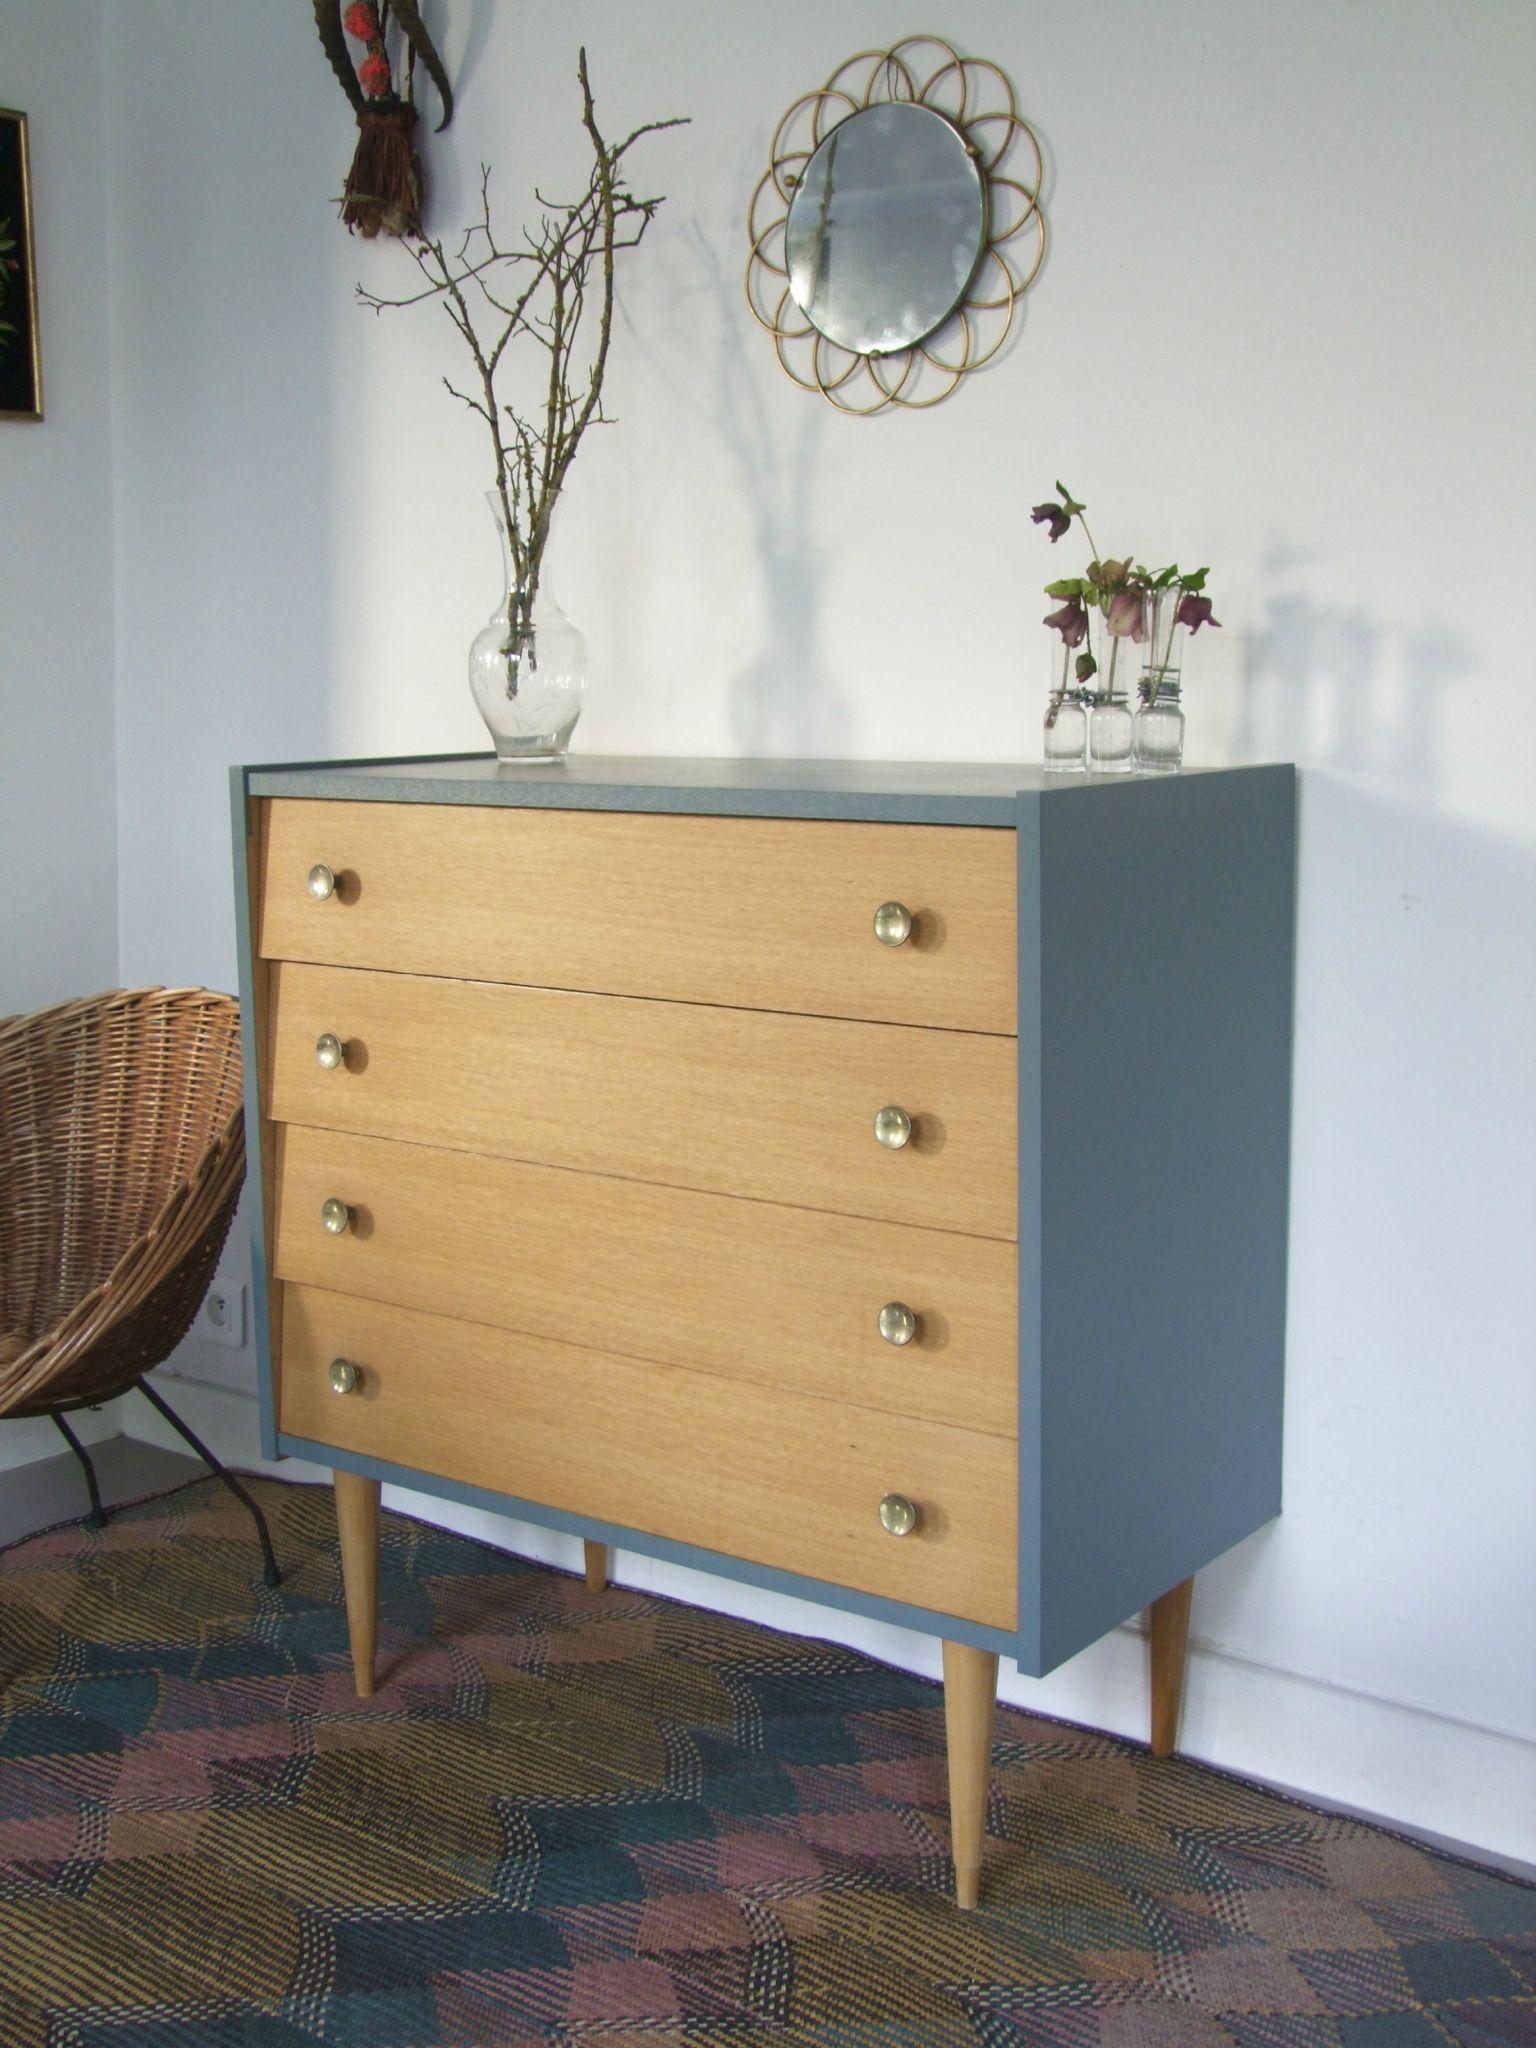 Commode vintage ipsen meubles vintage pataluna chin s d nich s et d lur s ideas for home - Meubles chines ...